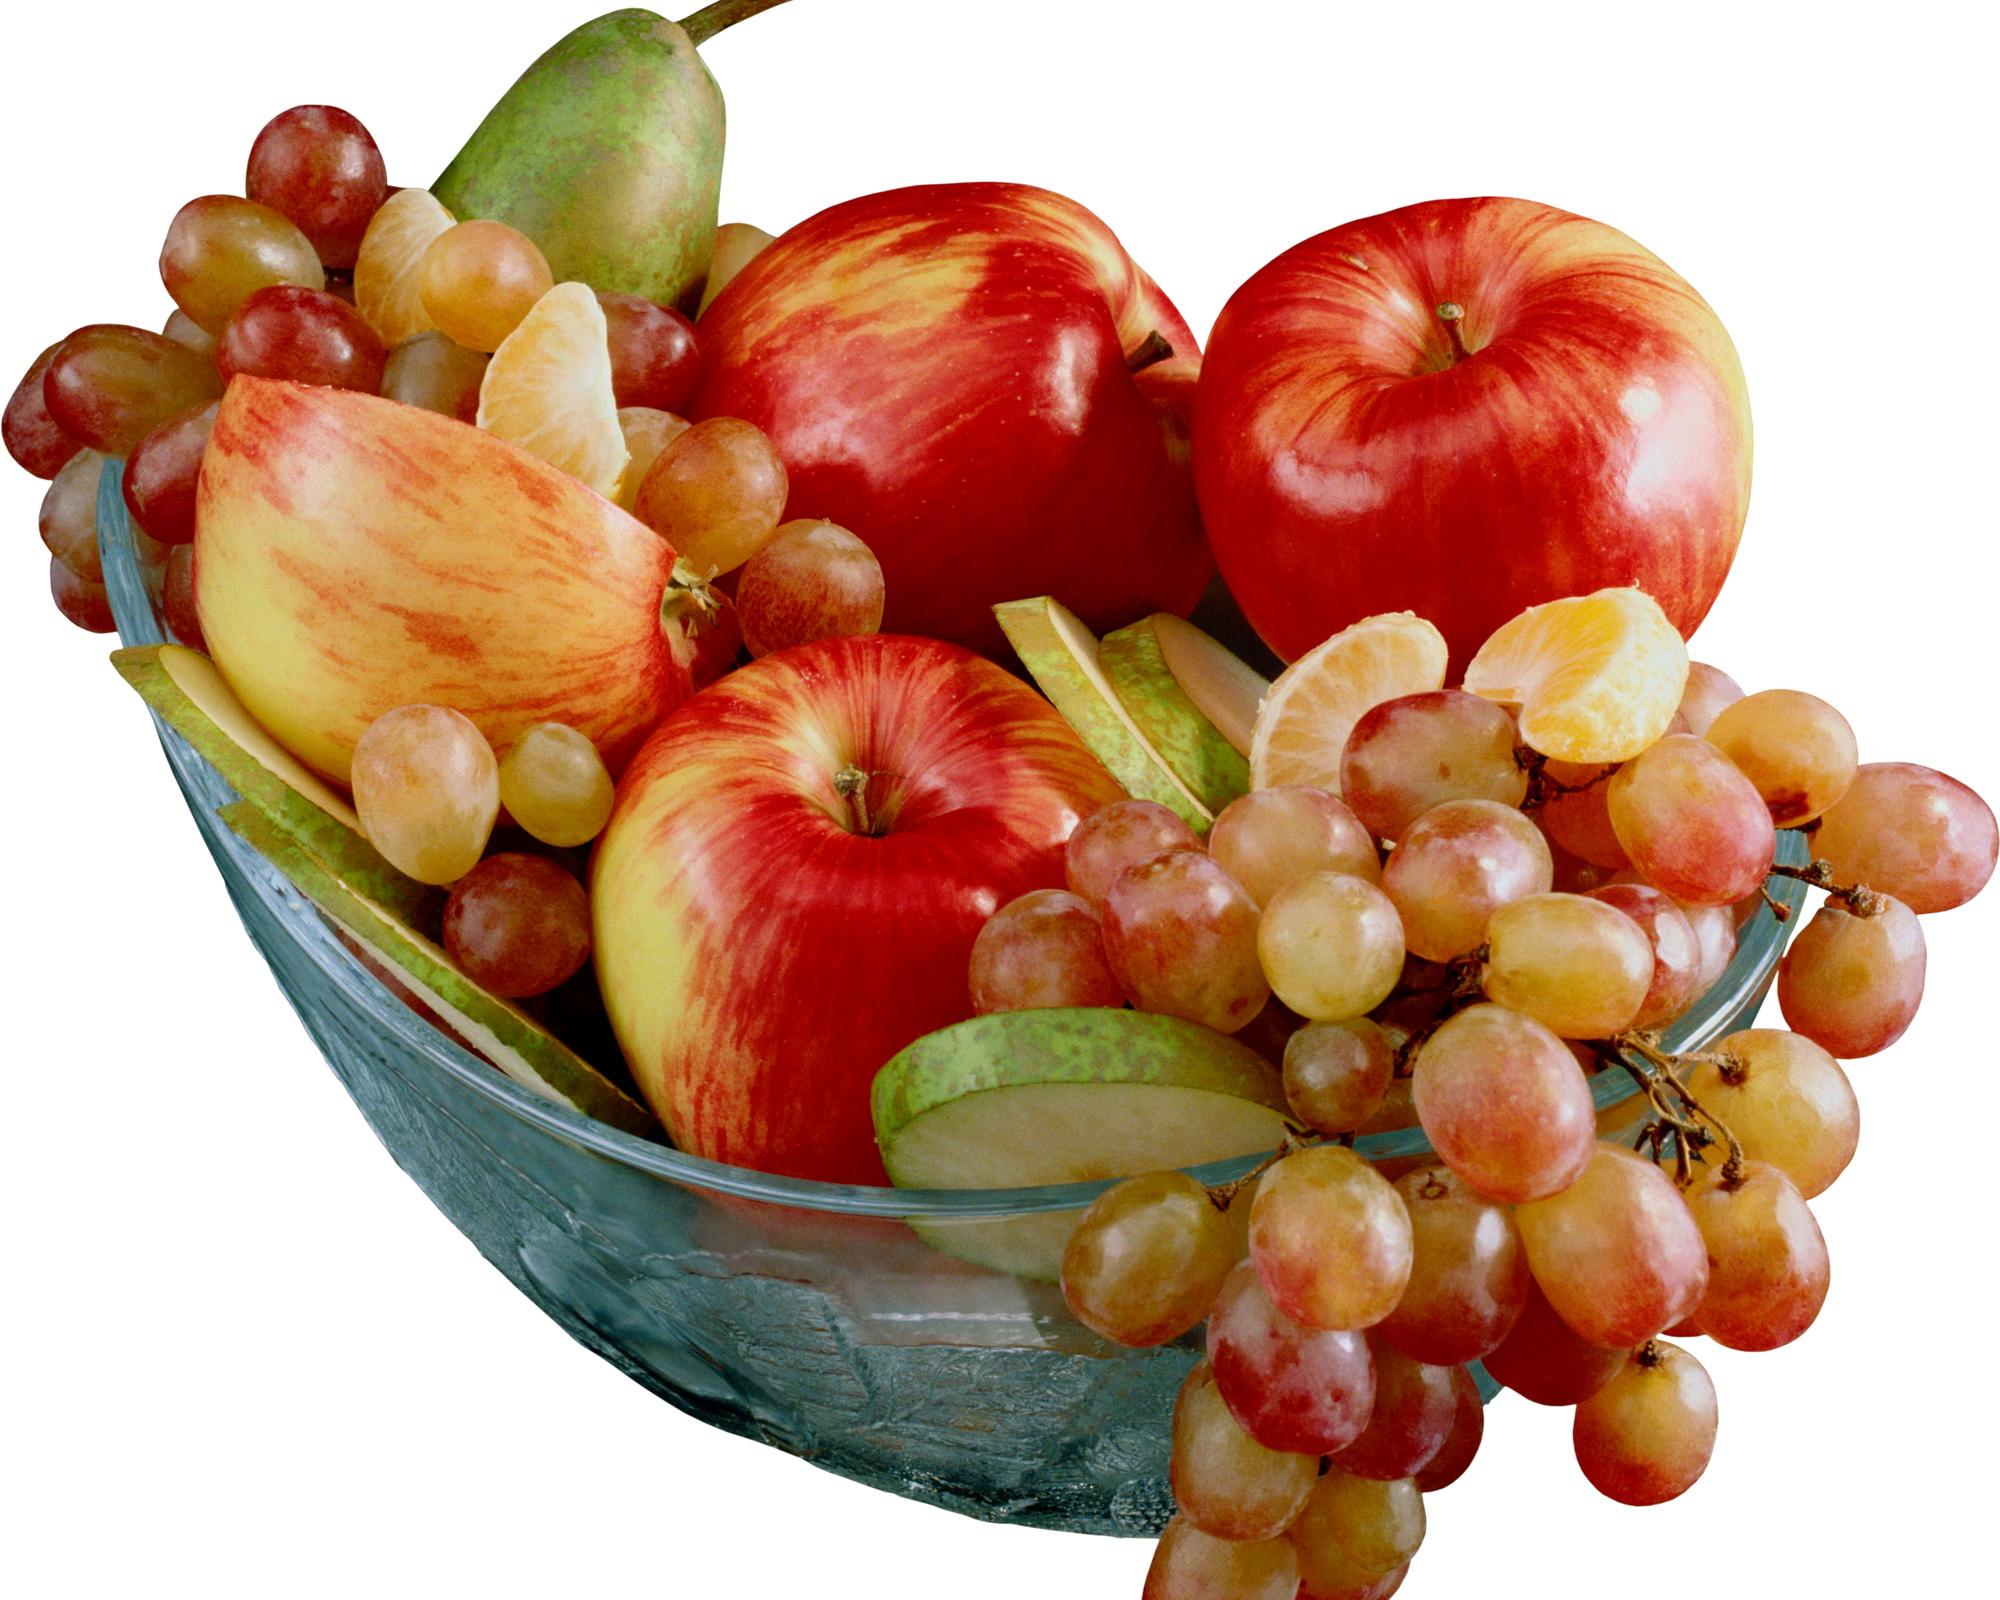 Секс с фруктами название 9 фотография